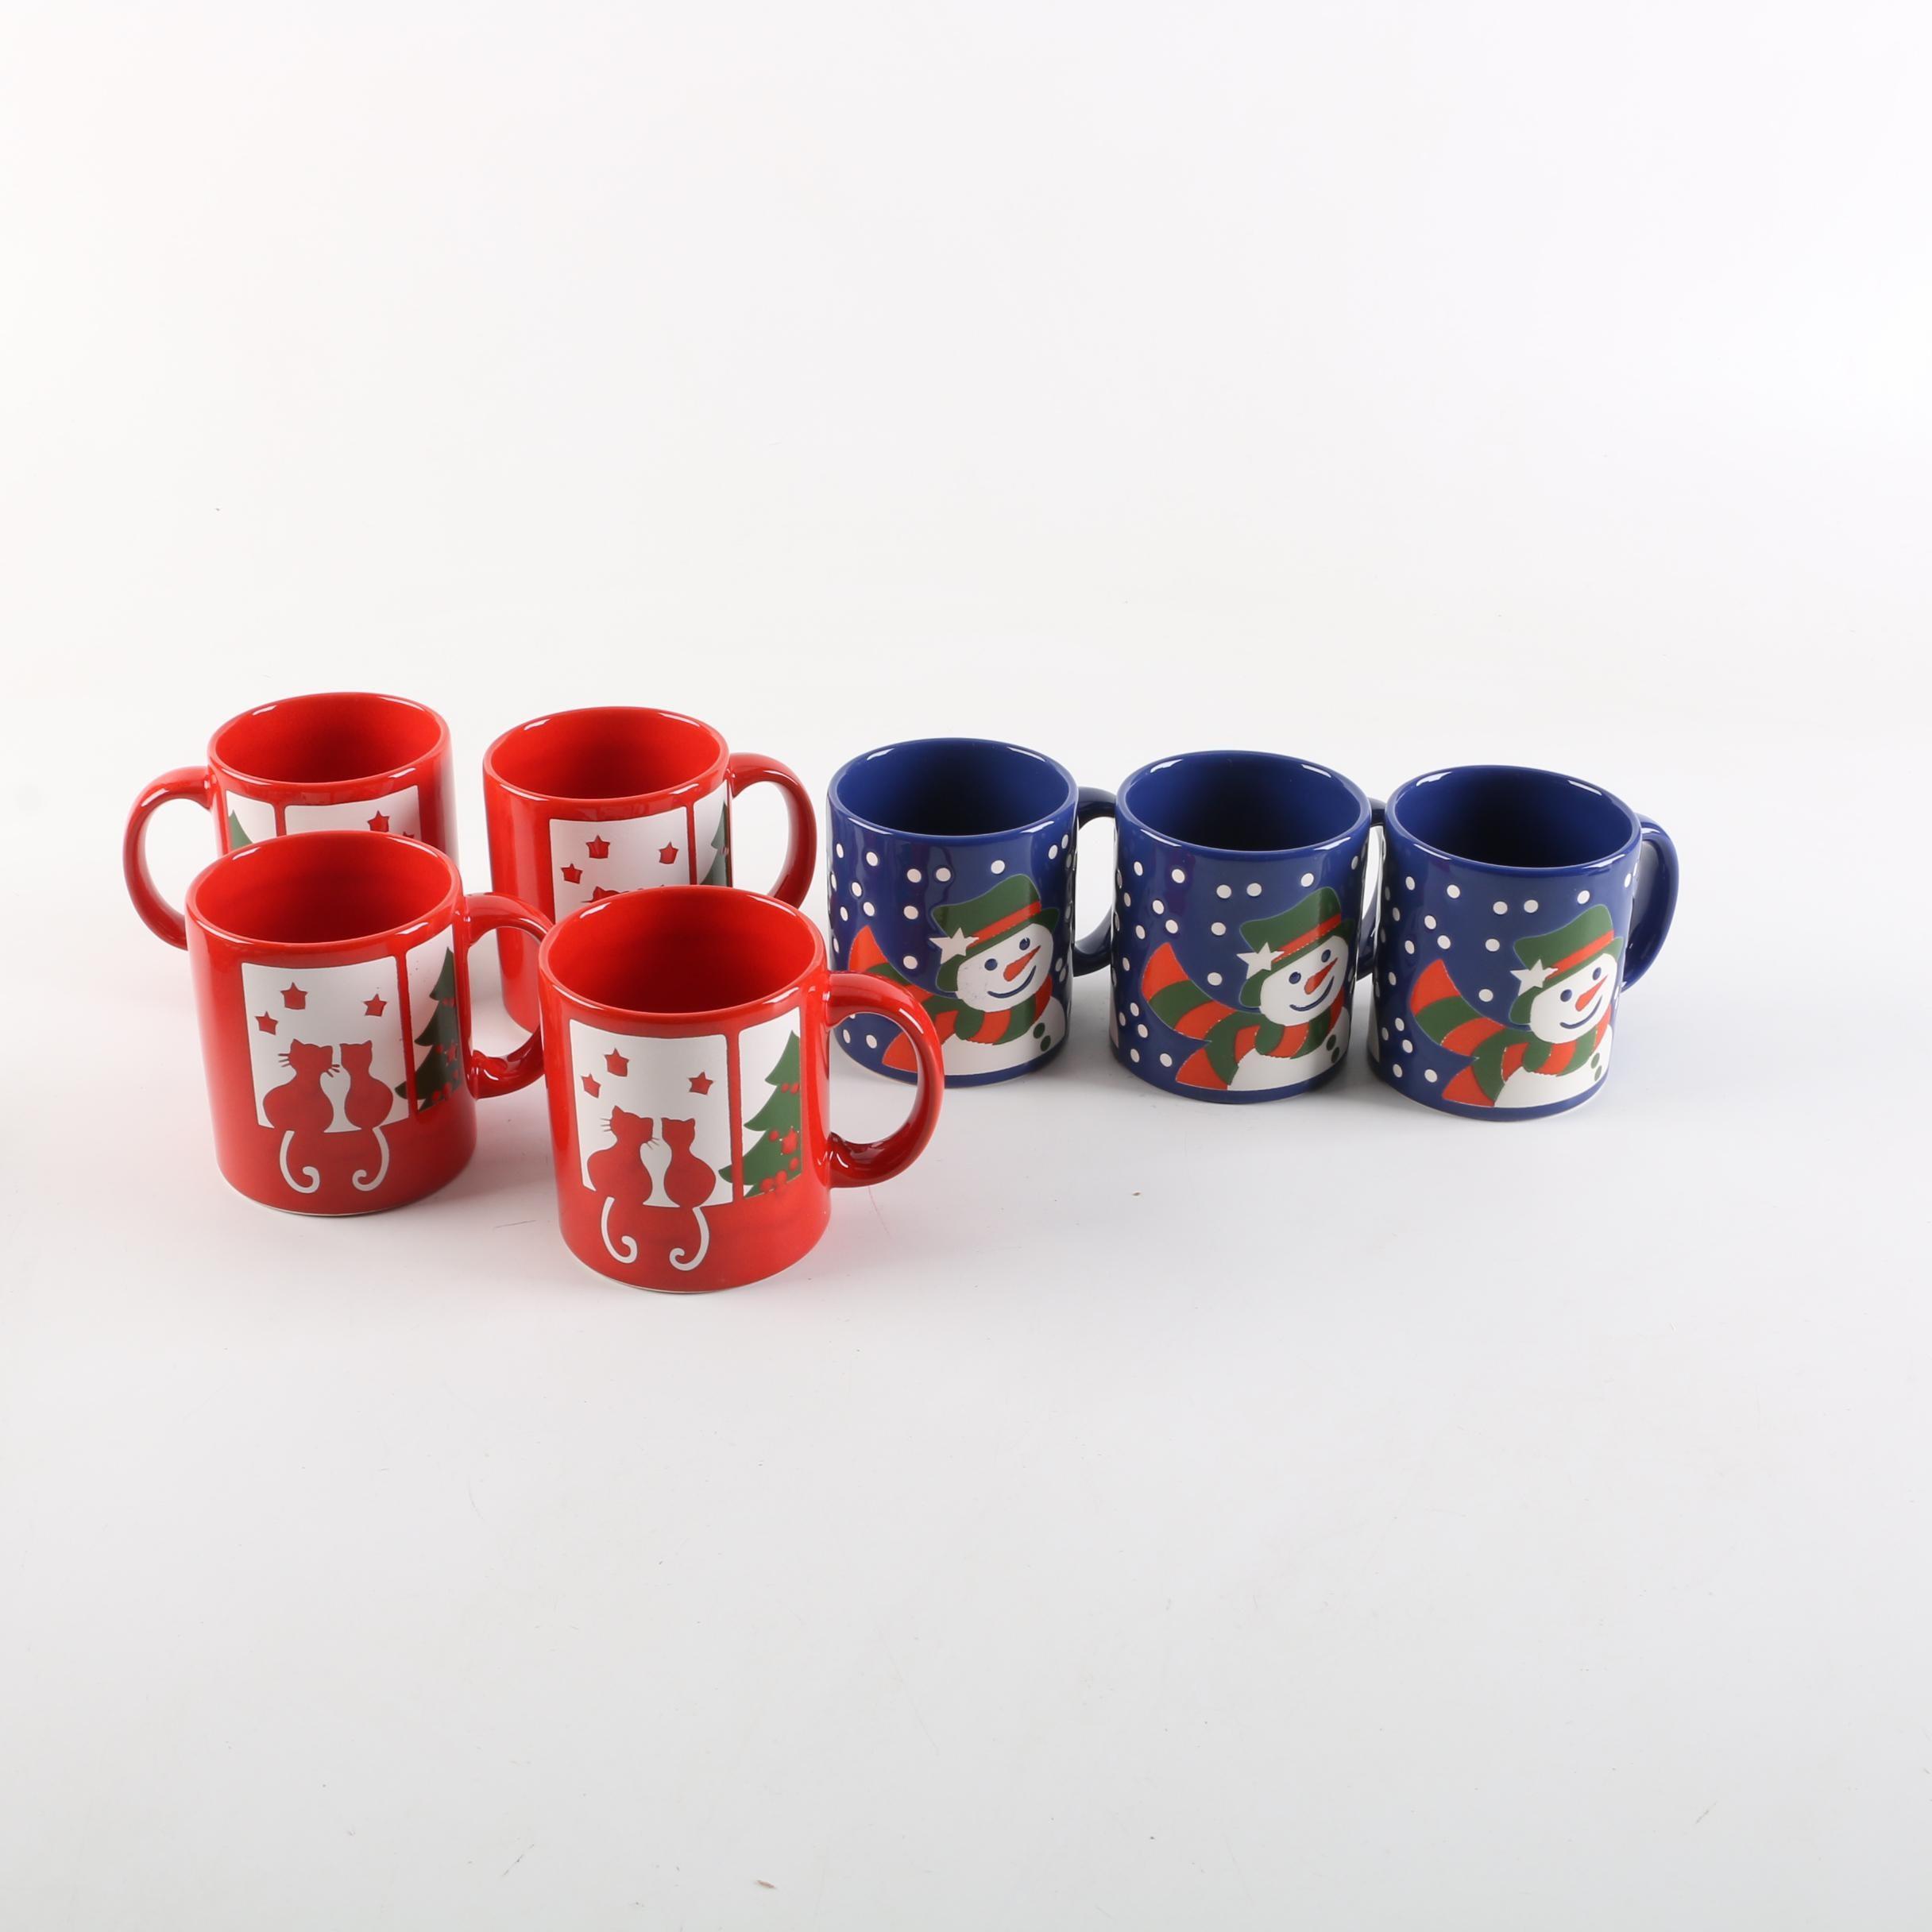 German Waechtersbach Christmas Mugs